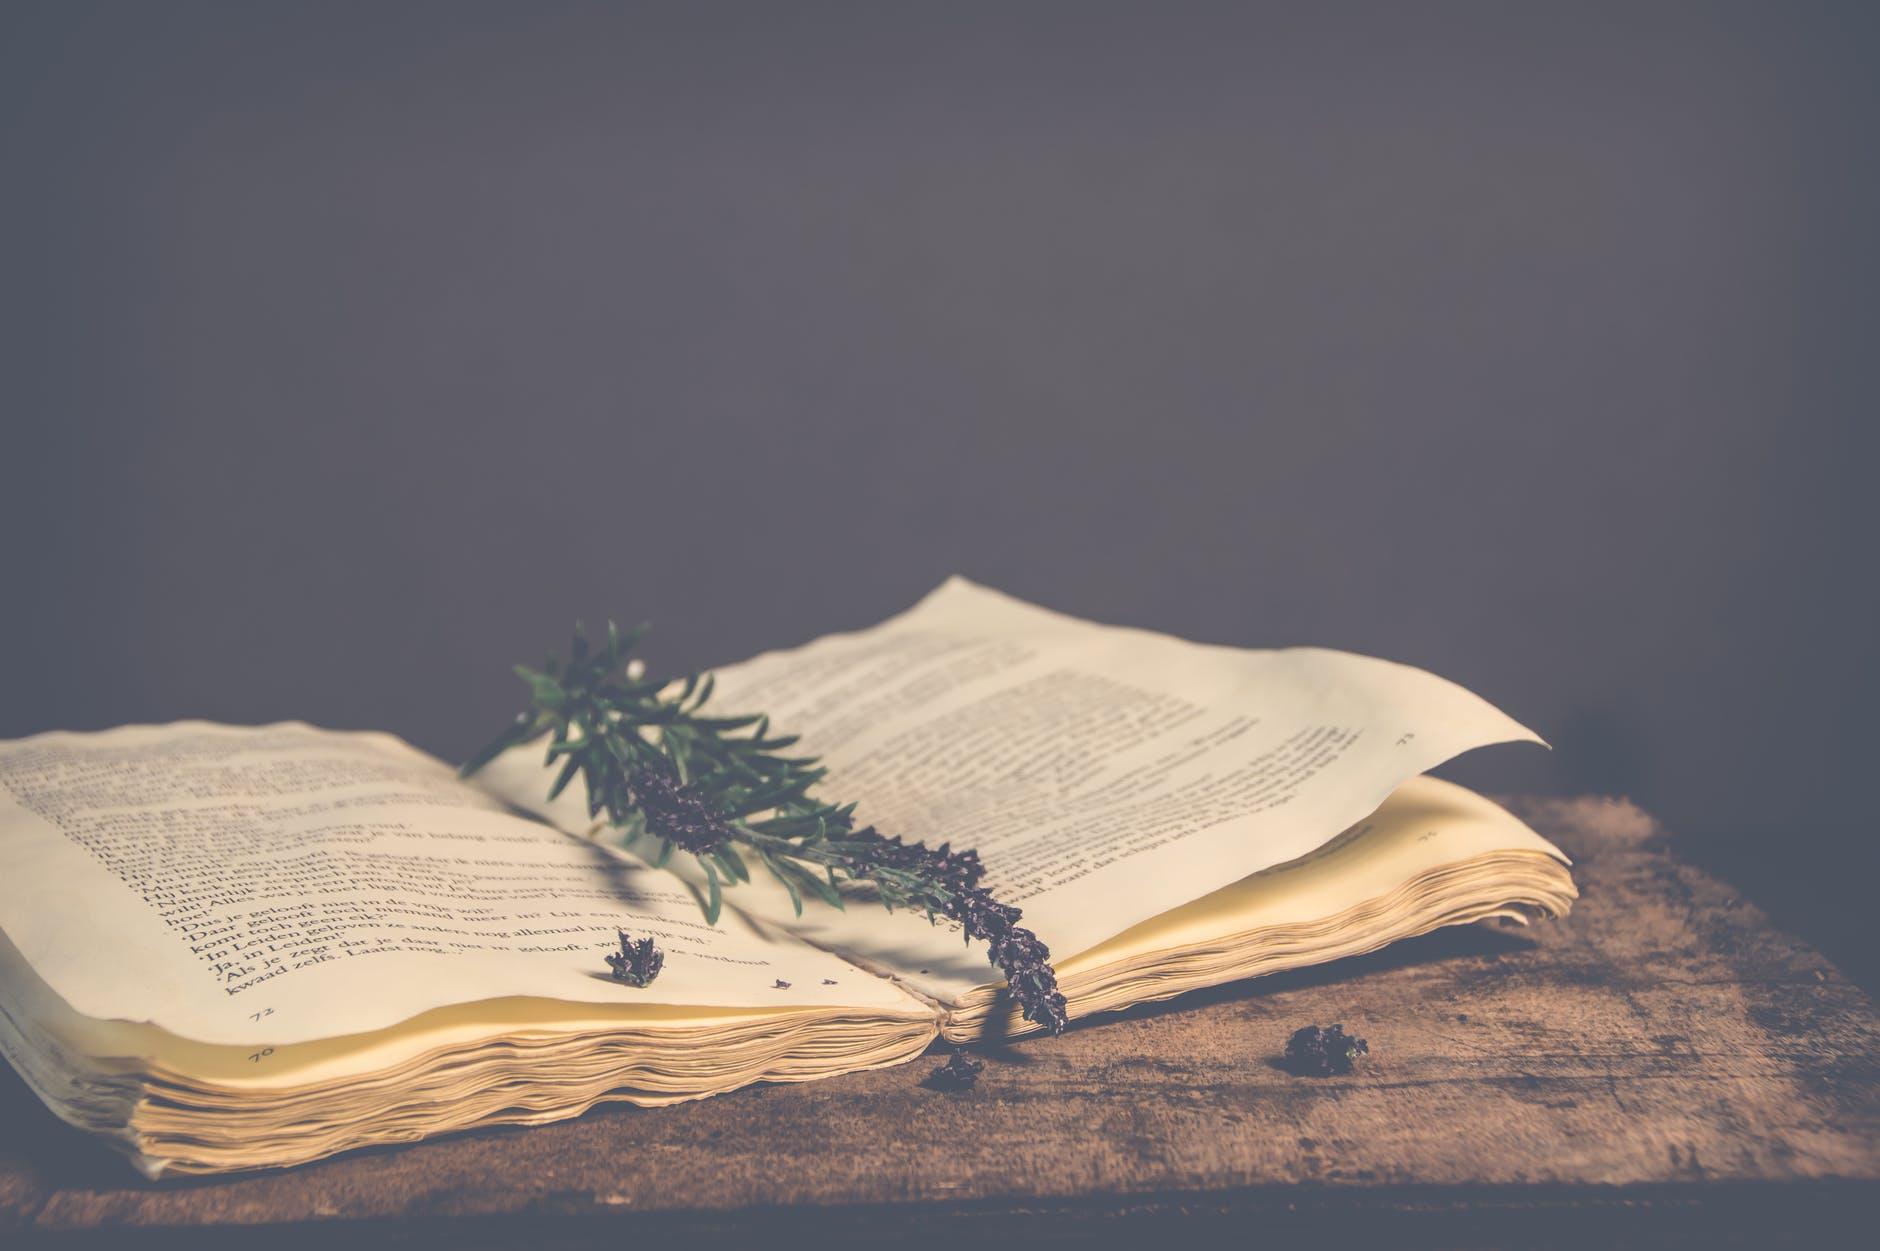 Бесплатный литературный гид по региону Мадрид